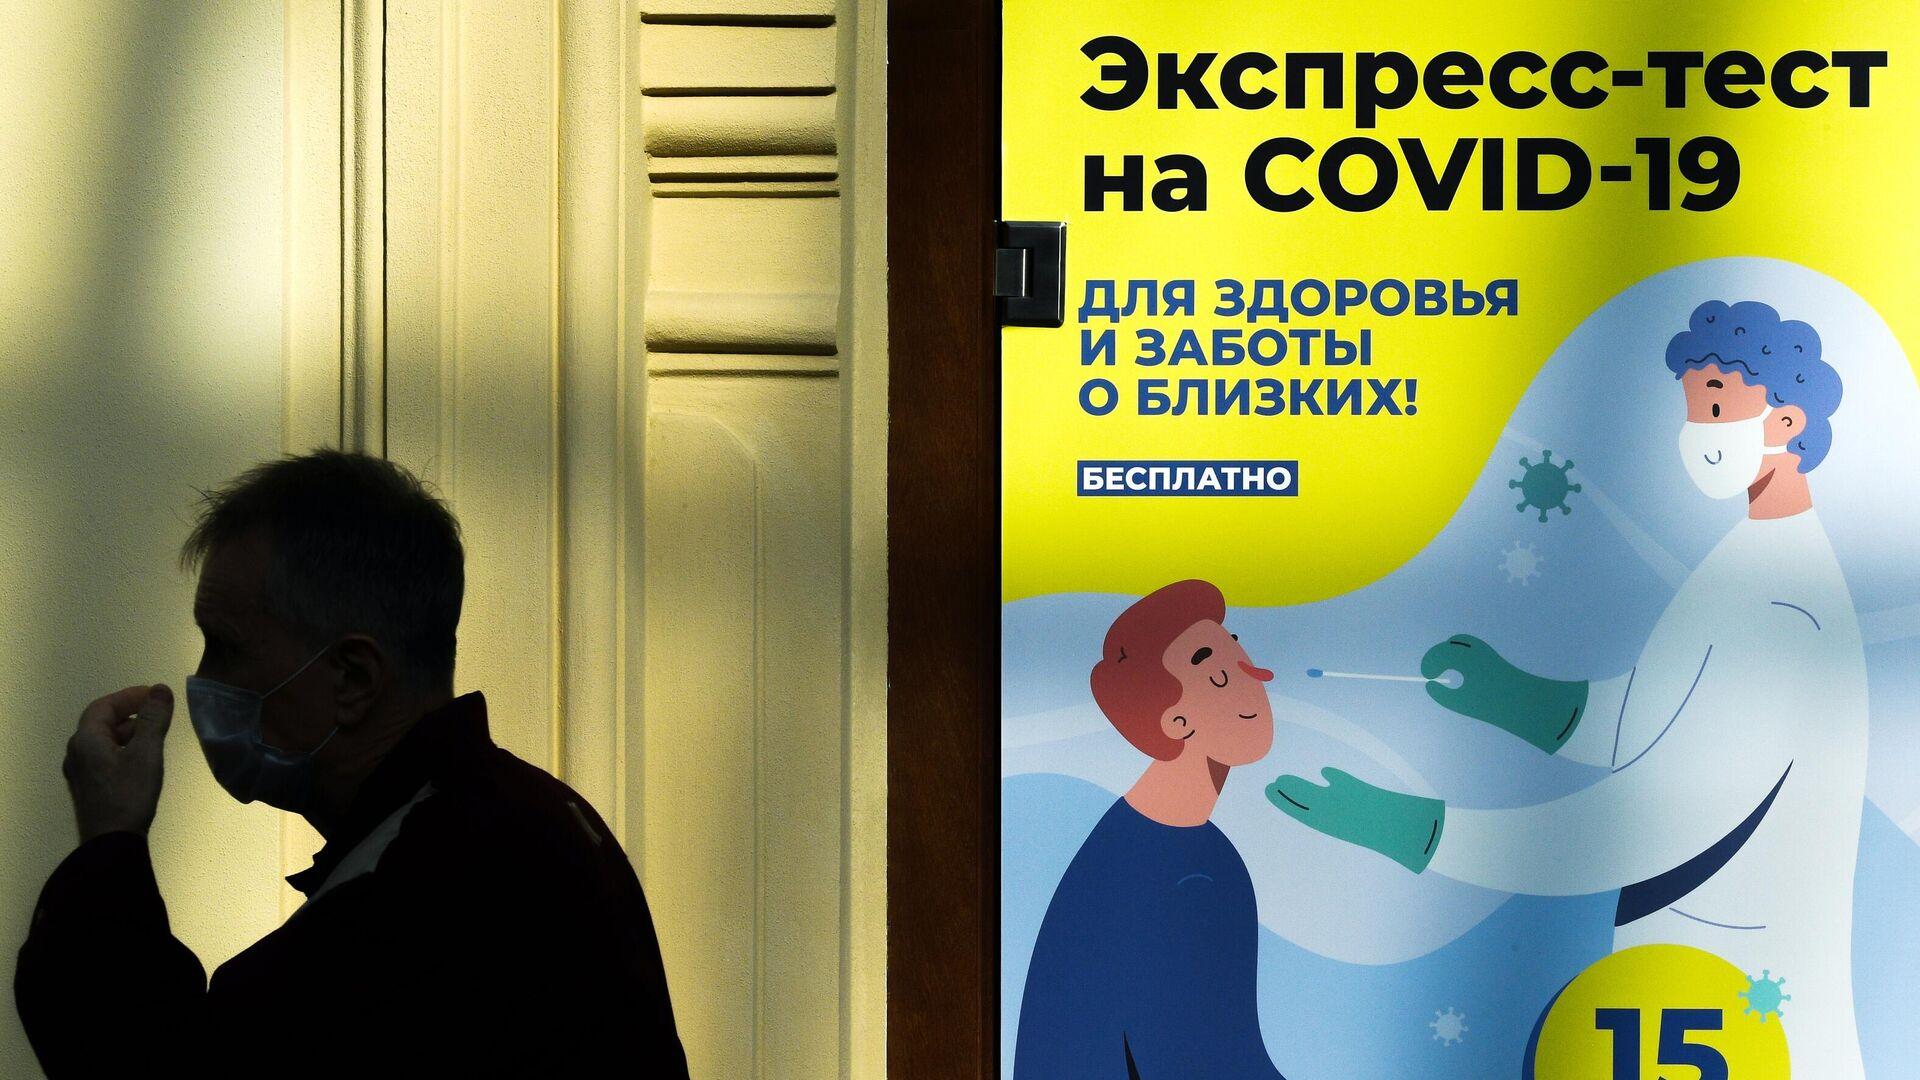 Сдача экспресс-тестов на COVID-19 в ГУМе - РИА Новости, 1920, 12.10.2021